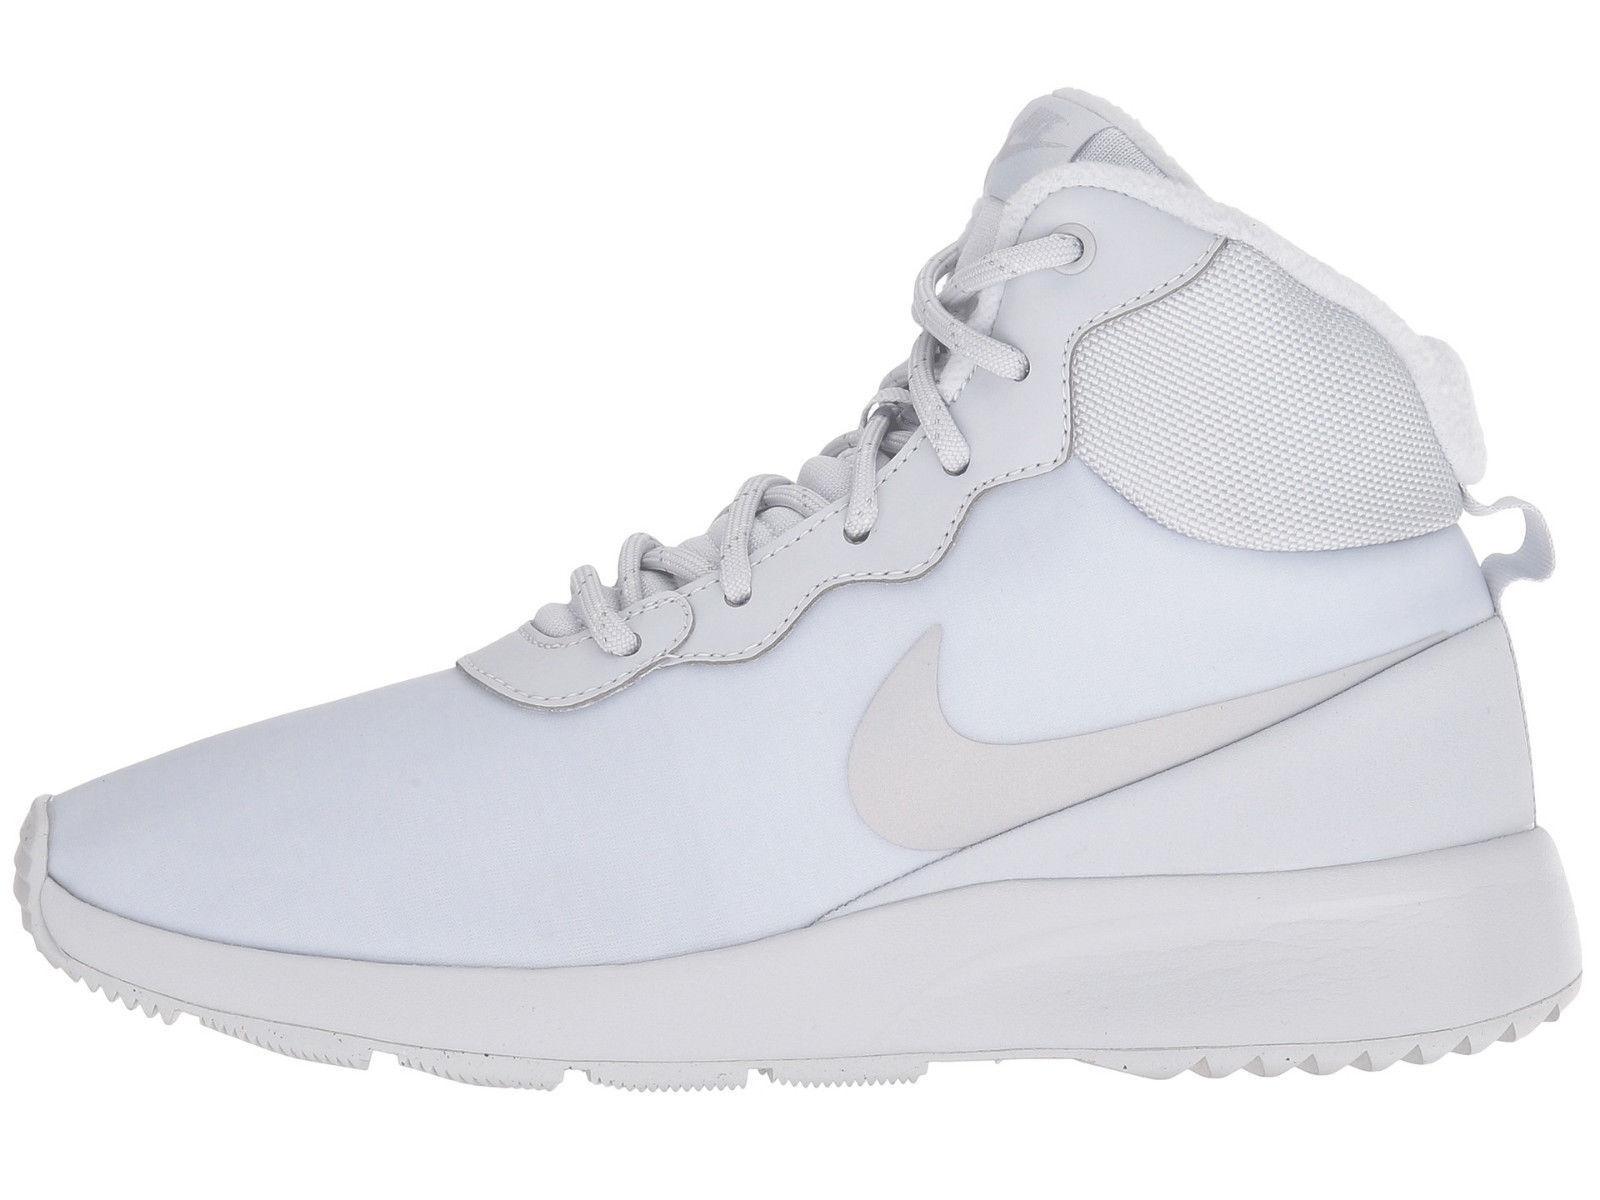 Nike Tanjun High Winter Women's Shoes 861672 100 Size 8.5 NEW